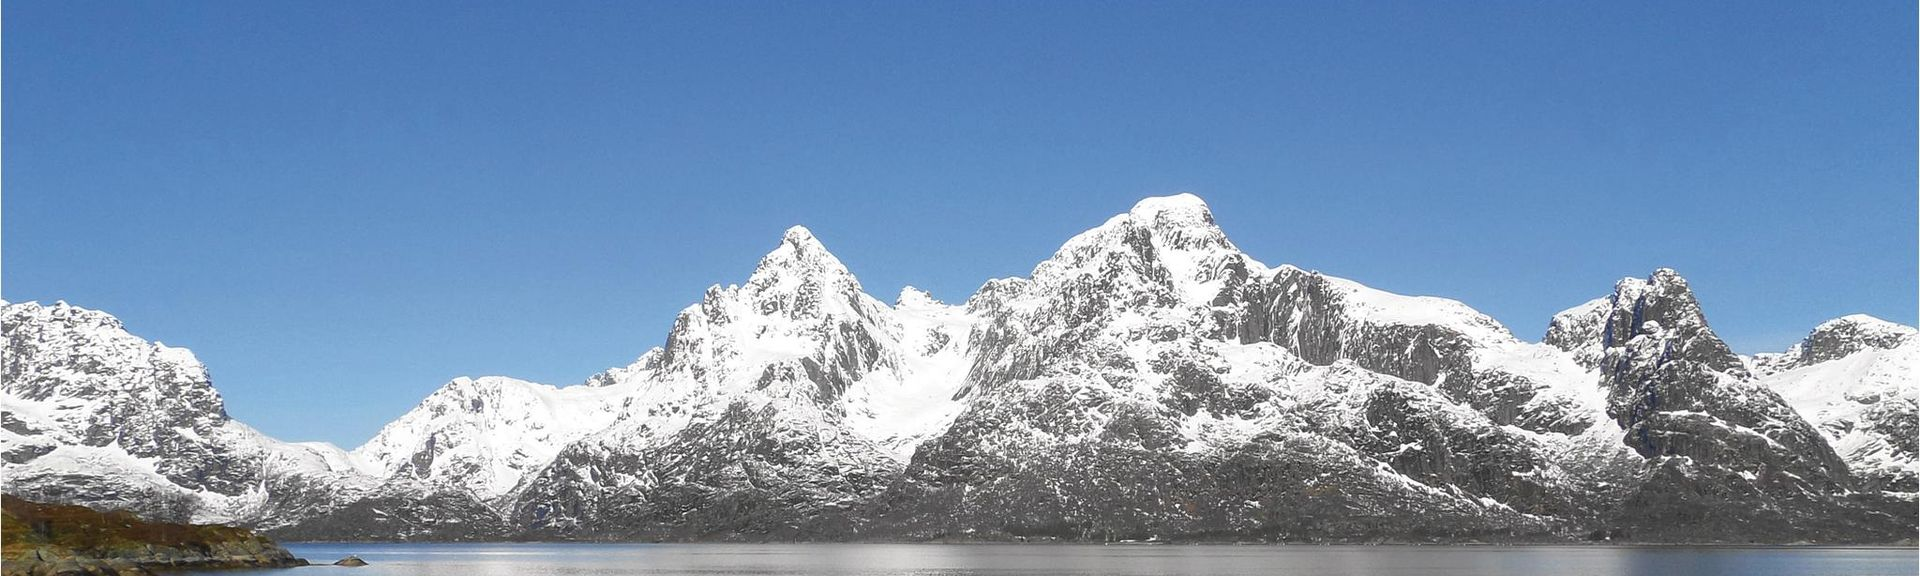 Lofoten, Nordland (Provinz), Norwegen